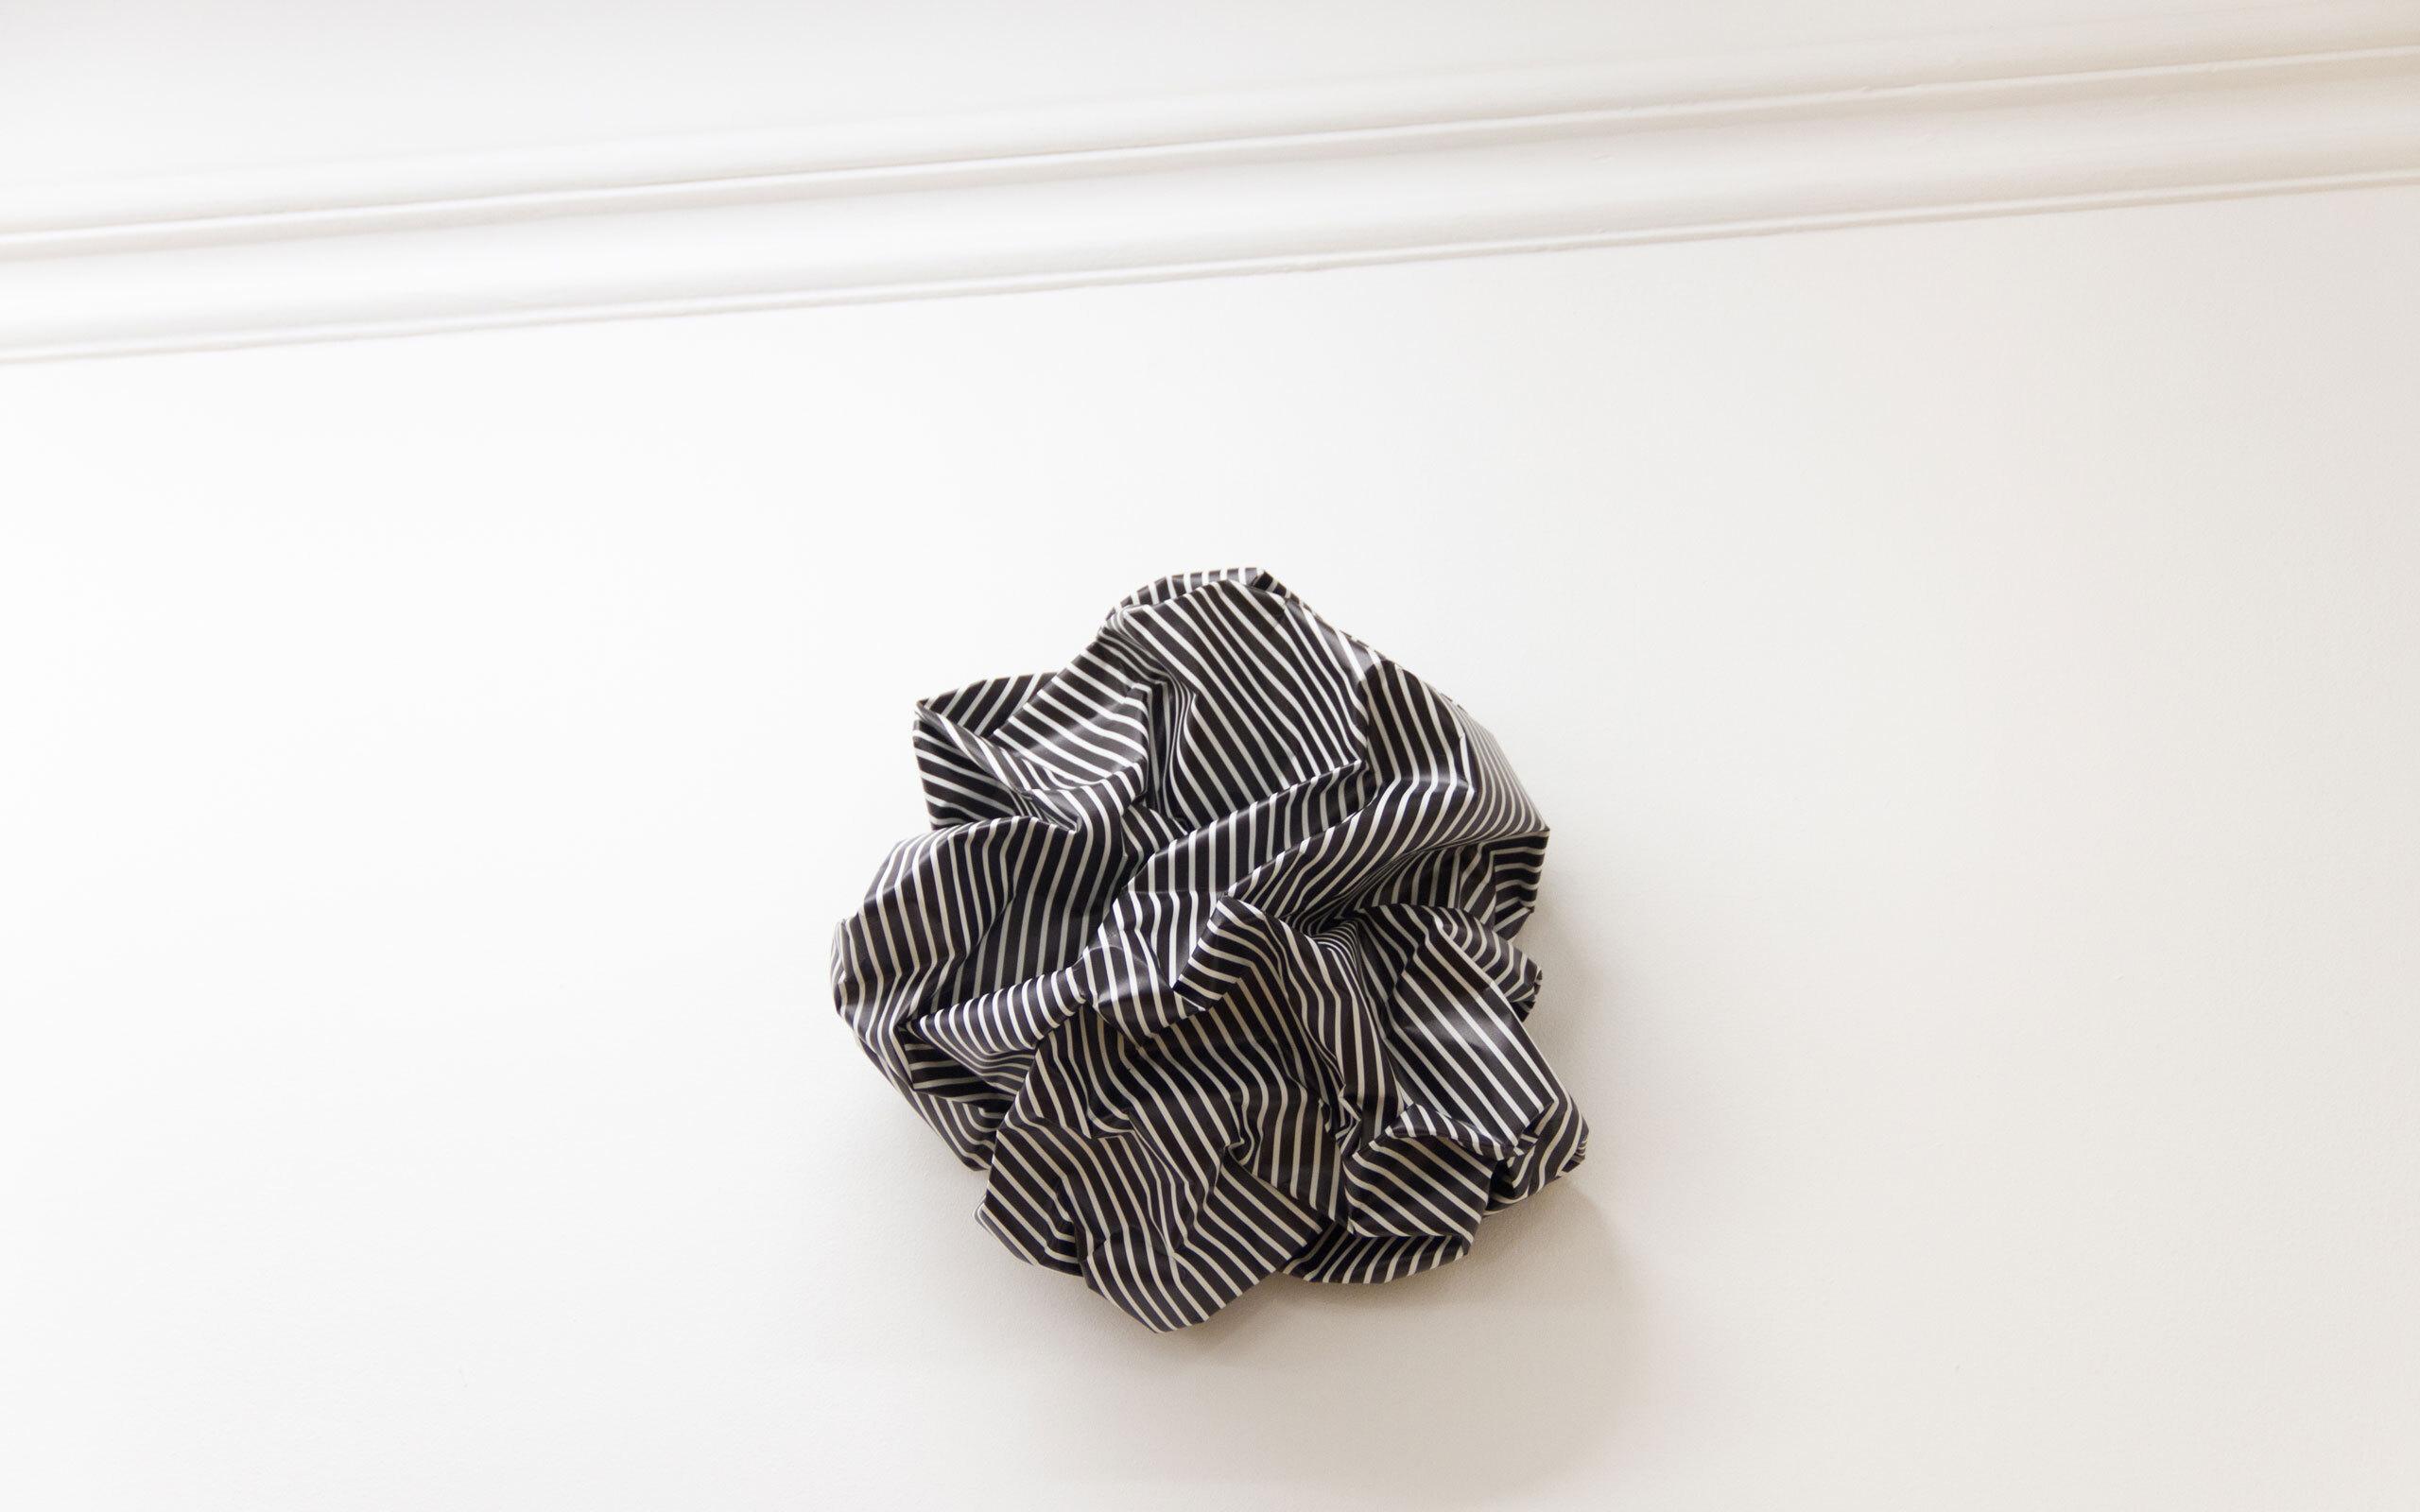 06 esther stocker knitterskulpturen c Collectors Agenda